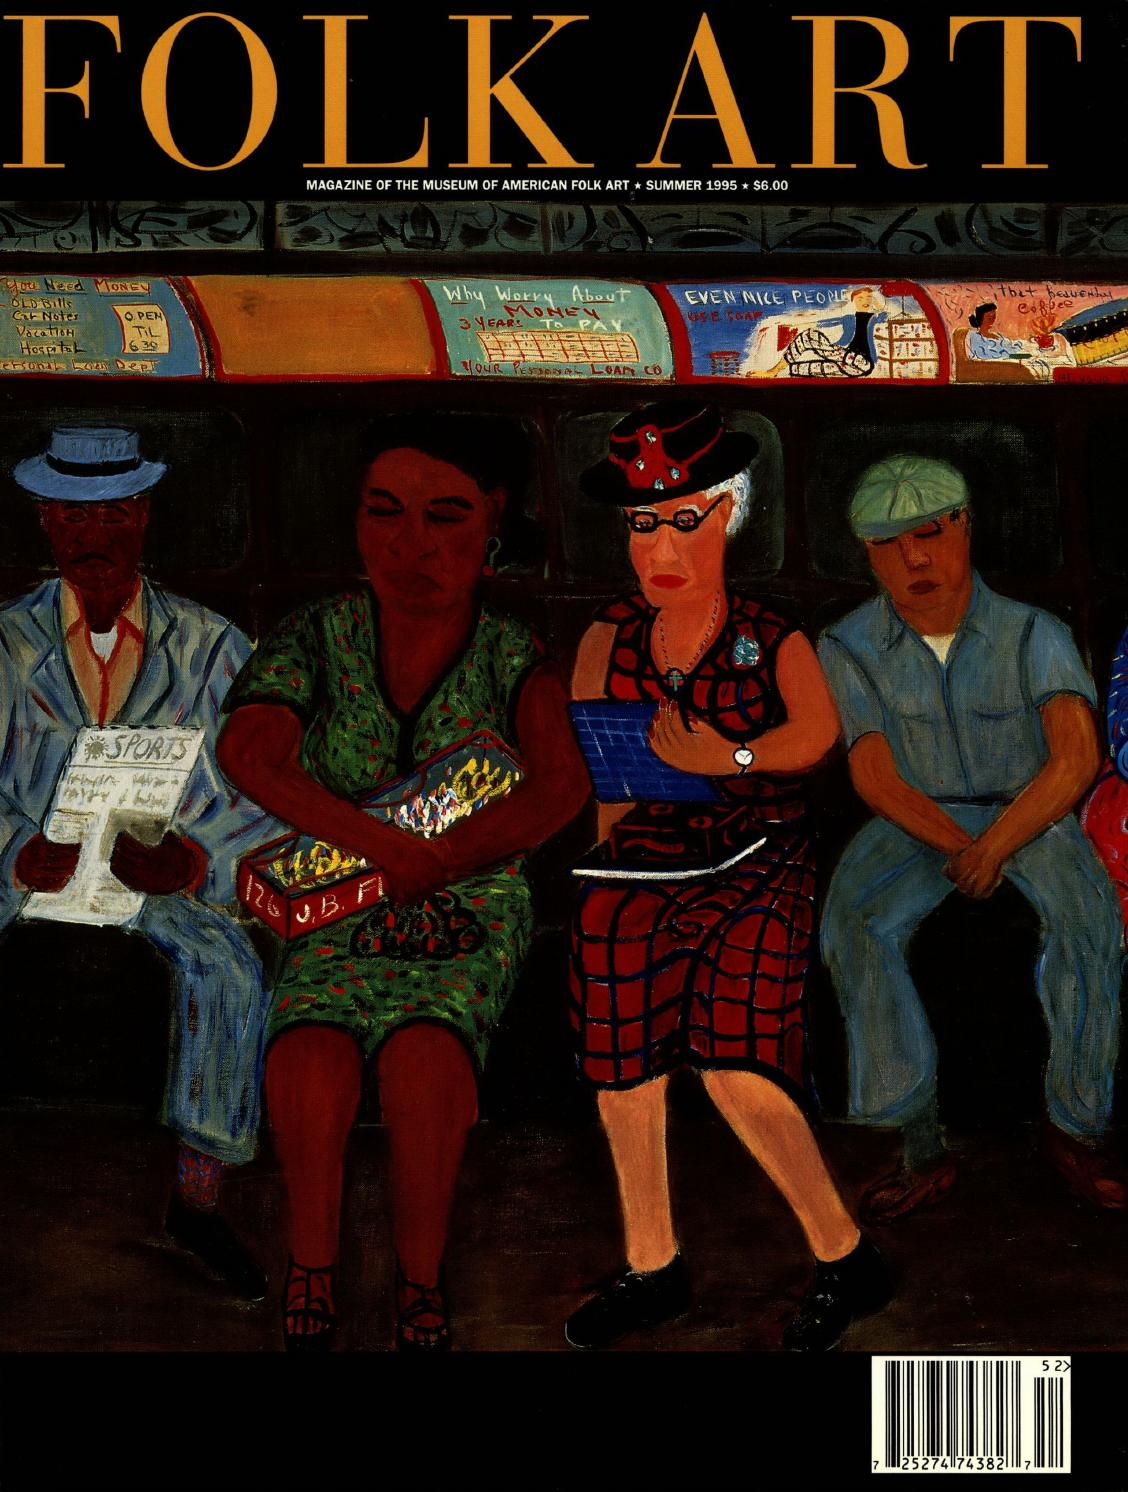 Folk Art (Summer 1995) by American Folk Art Museum - issuu